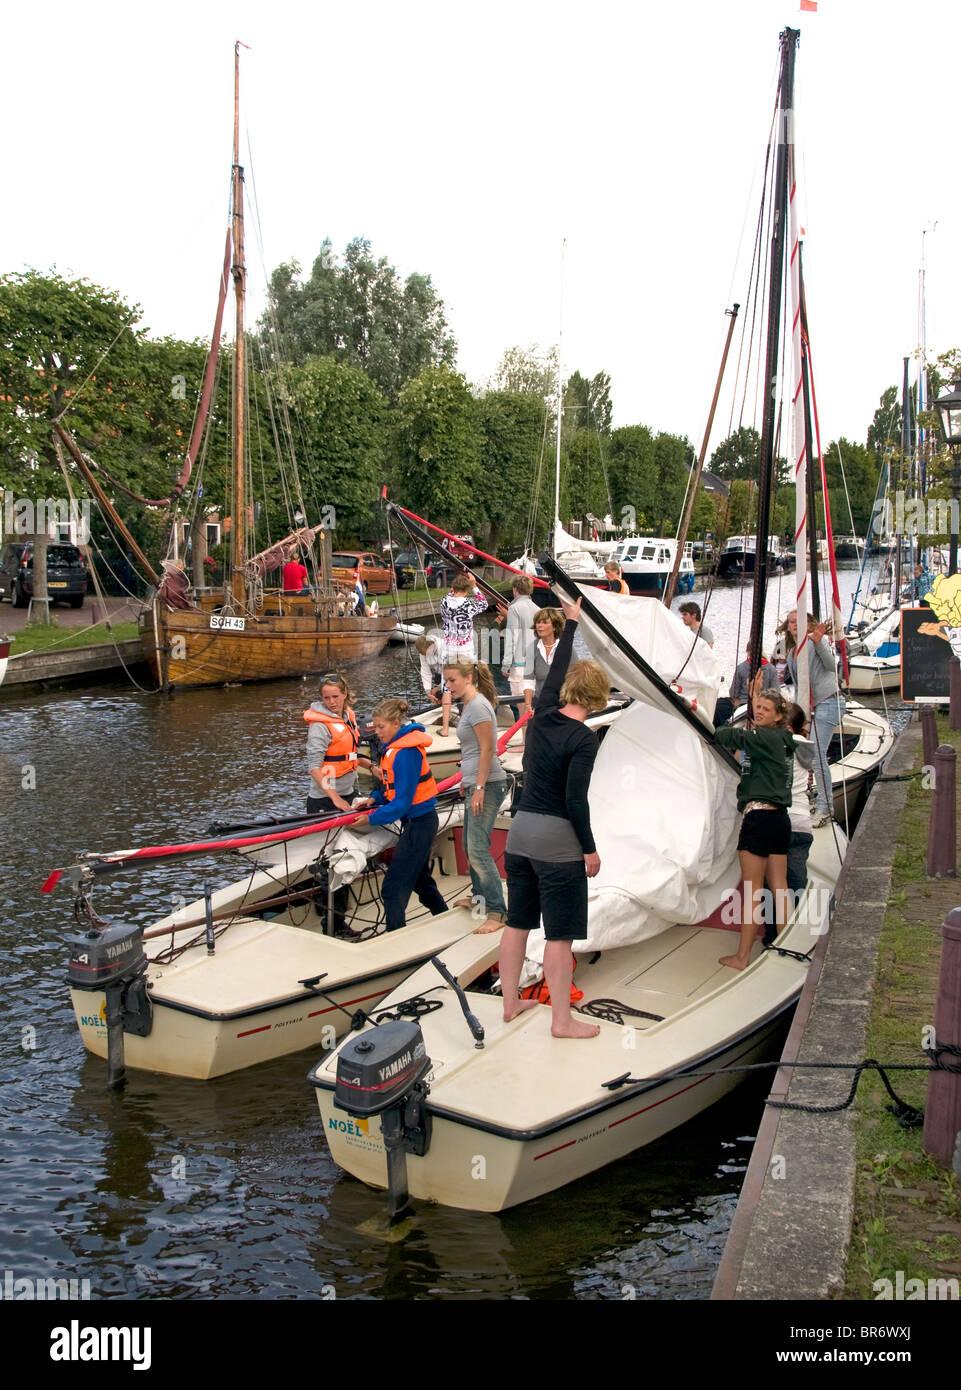 IJlst vicino a Sneek Frisia Paesi Bassi barca vela istruzione lezioni scolastiche Immagini Stock